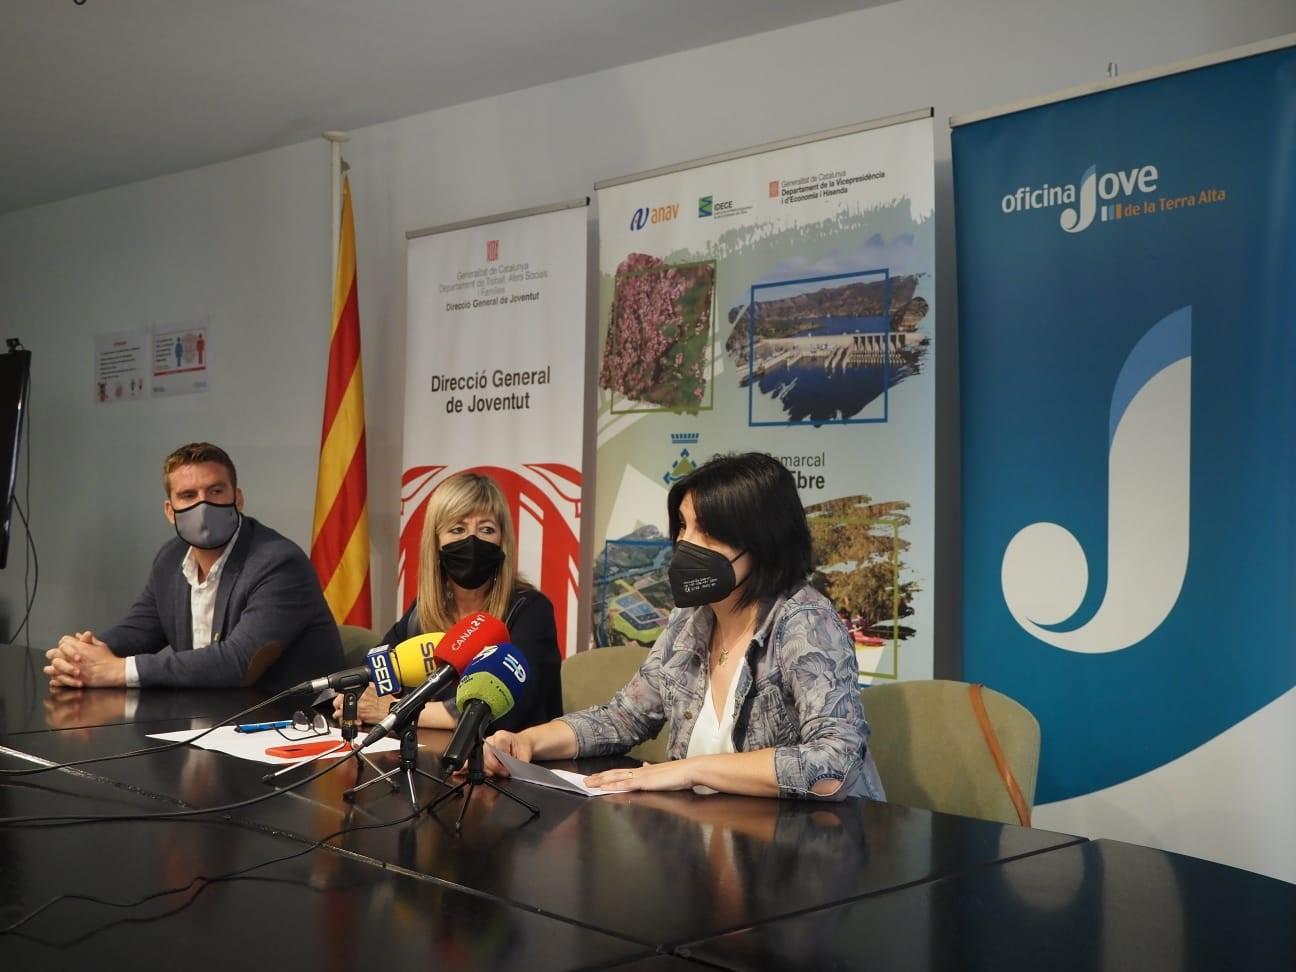 Joventut presenta els Protocols vers les violències sexuals en espais públics d'oci dels consells comarcal de la Ribera d'Ebre i la Terra Alta